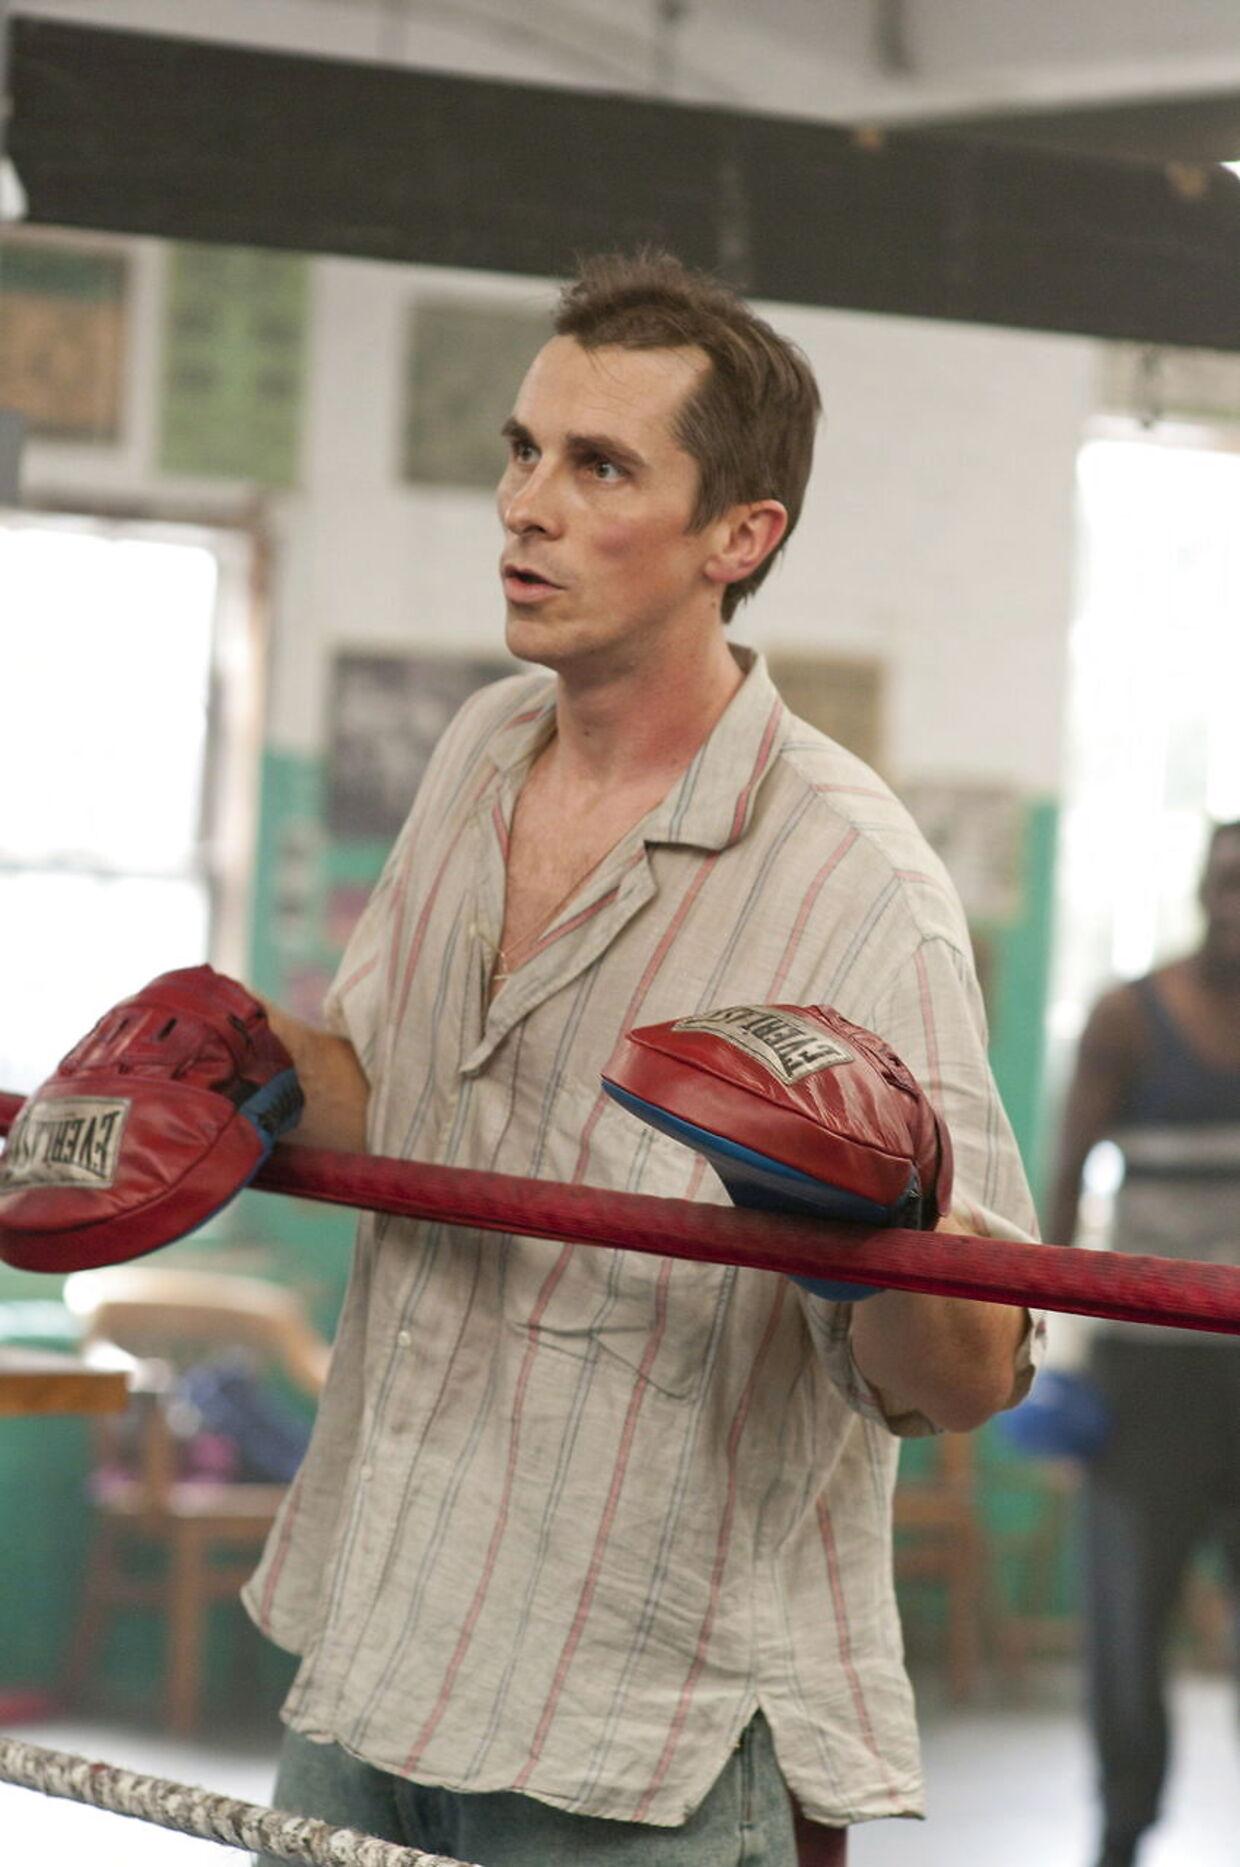 Christian Bale er også kendt for ekstremt vægttab- og forøgelser i forbindelser med sine roller. I filmen 'The Fighter' vejede han kun 65 kilo. EPA/JOJO WHILDEN / PARAMOUNT / HO EDITORIAL USE ONLY/NO SALES